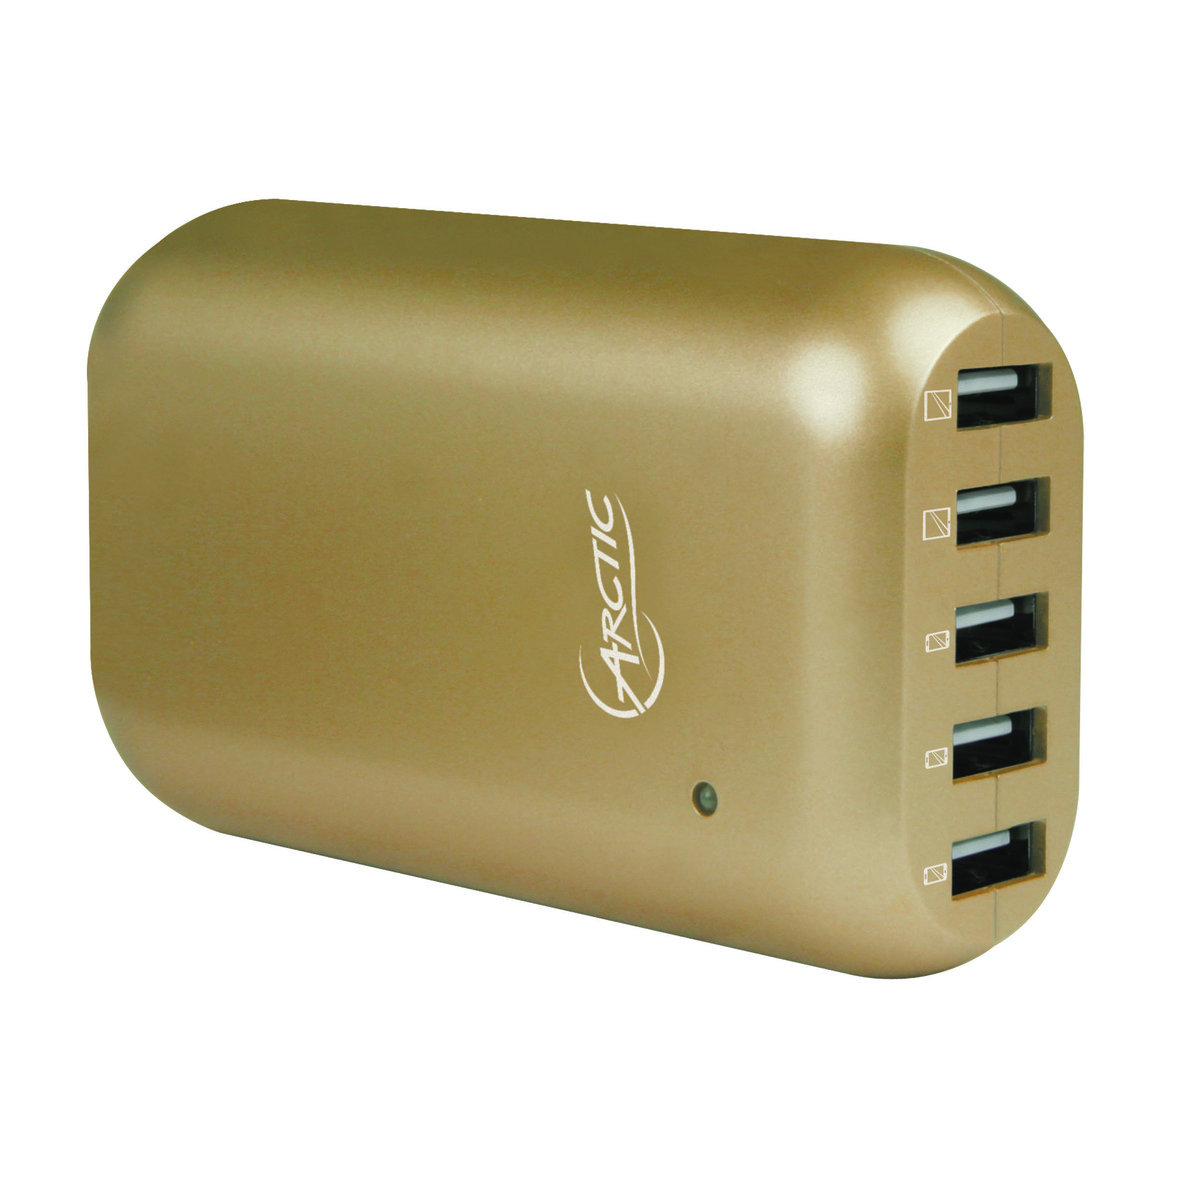 5插口USB快速充電器 (8A Output) (2款顏色)